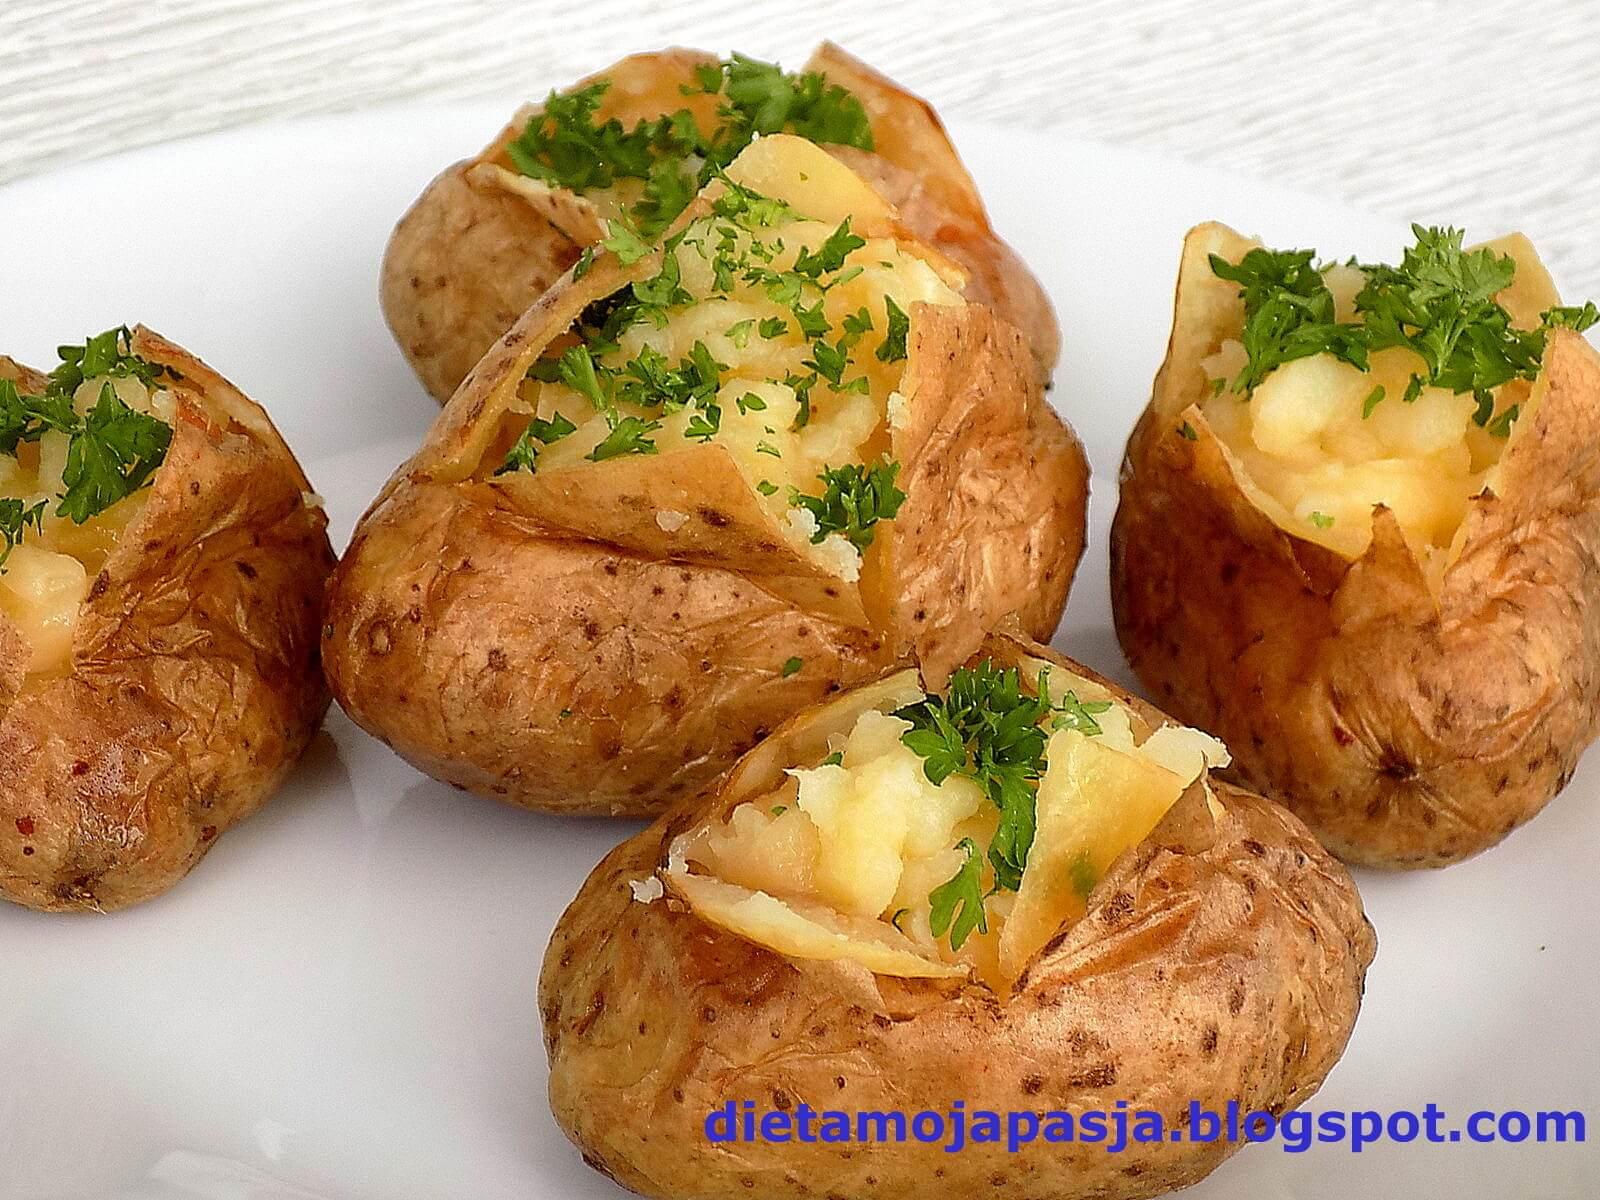 Wybuchowe ziemniaki